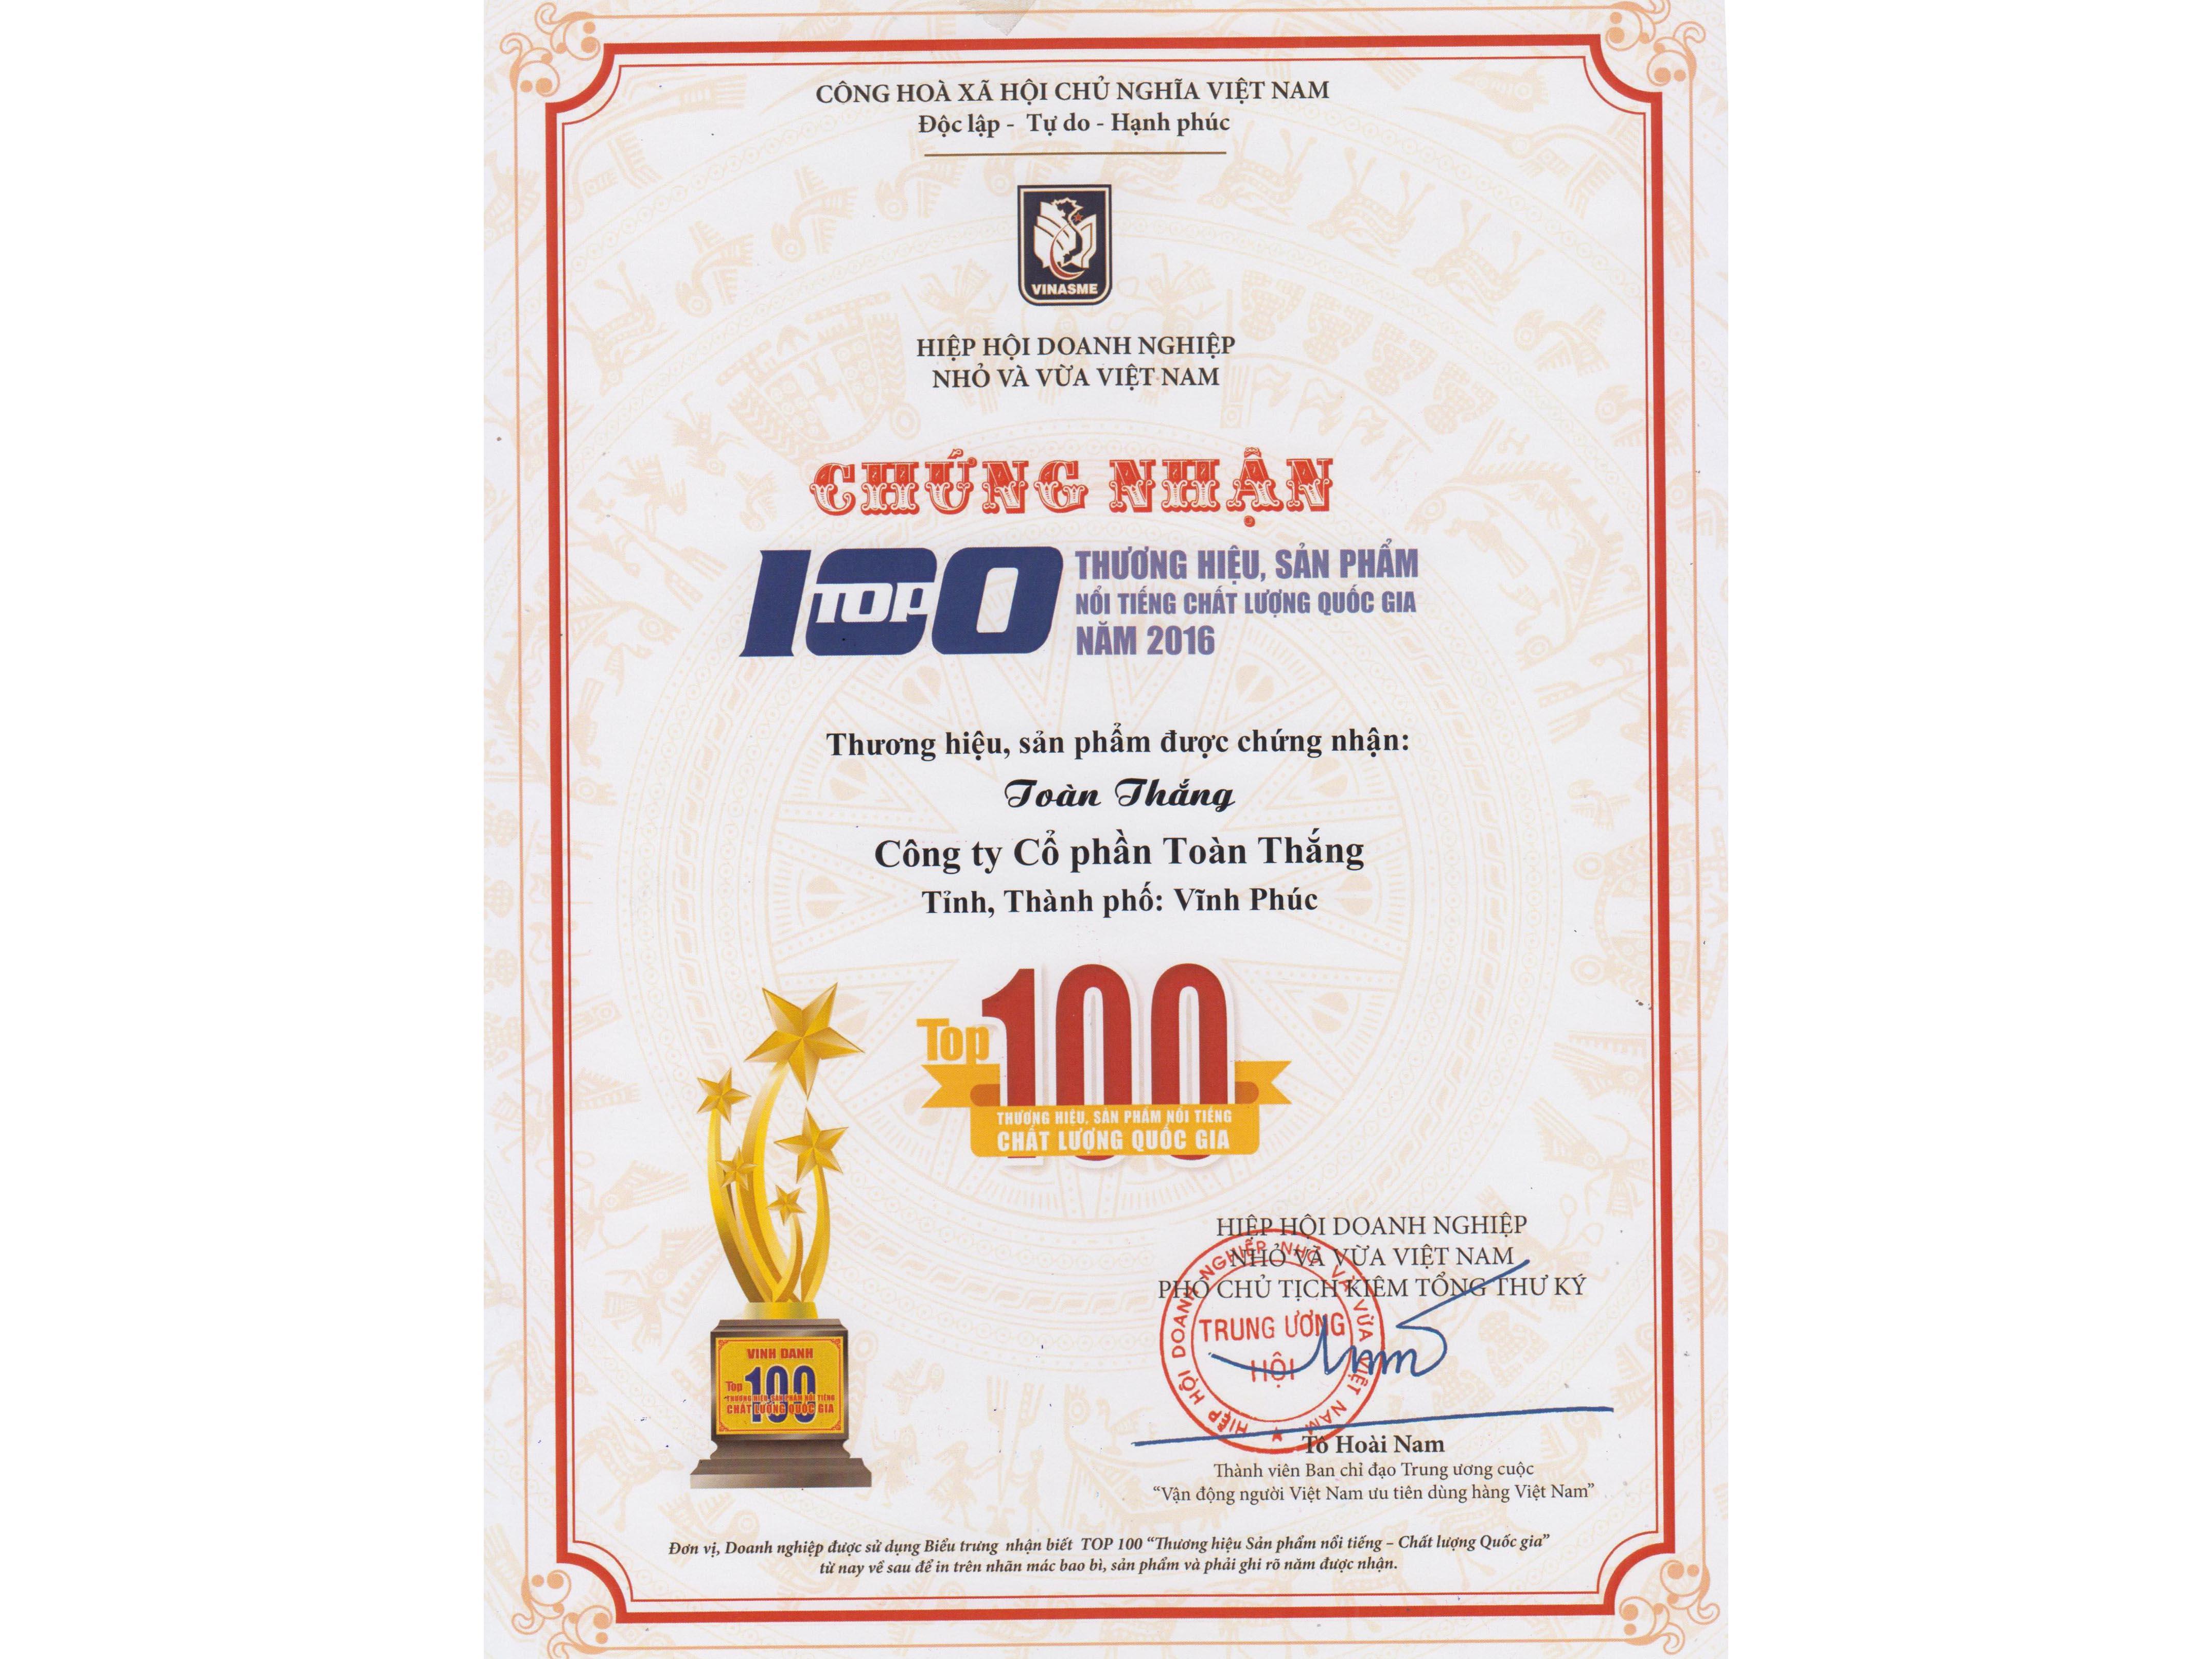 Toàn Thắng được tôn vinh là Top 100 Thương hiệu, Sản phẩm nổi tiếng chất lượng quốc gia